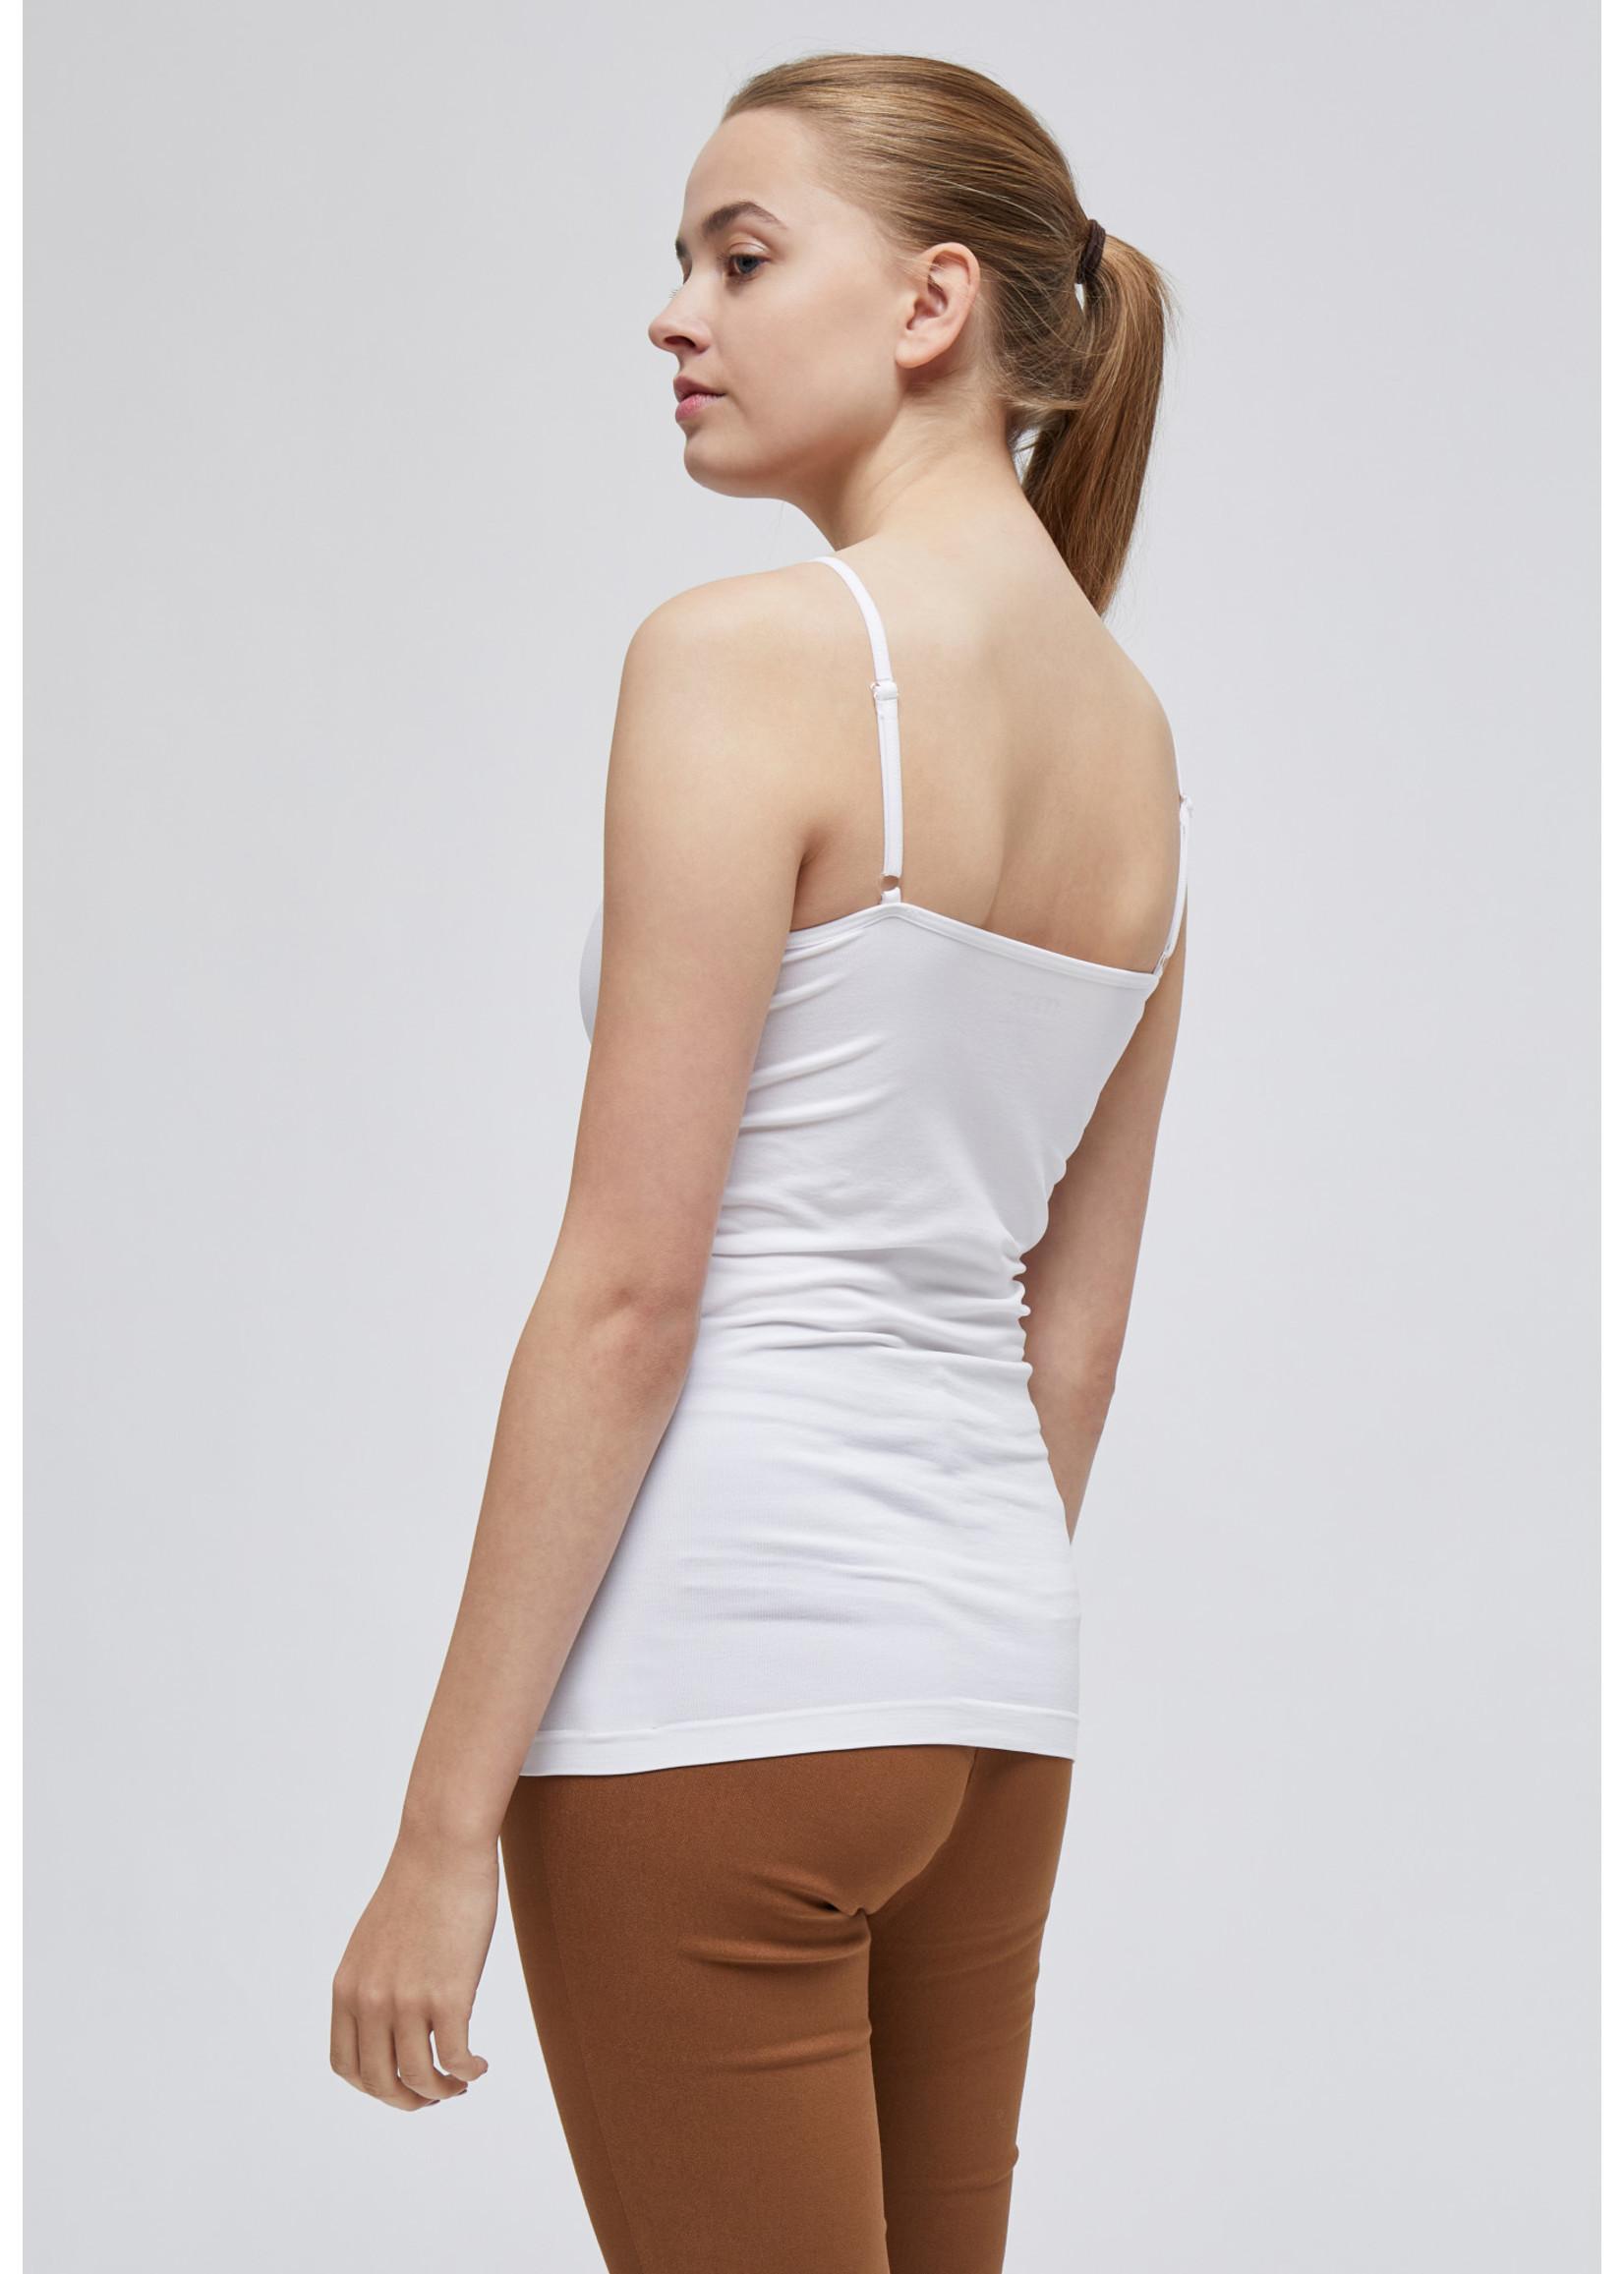 MINUS Celina top White